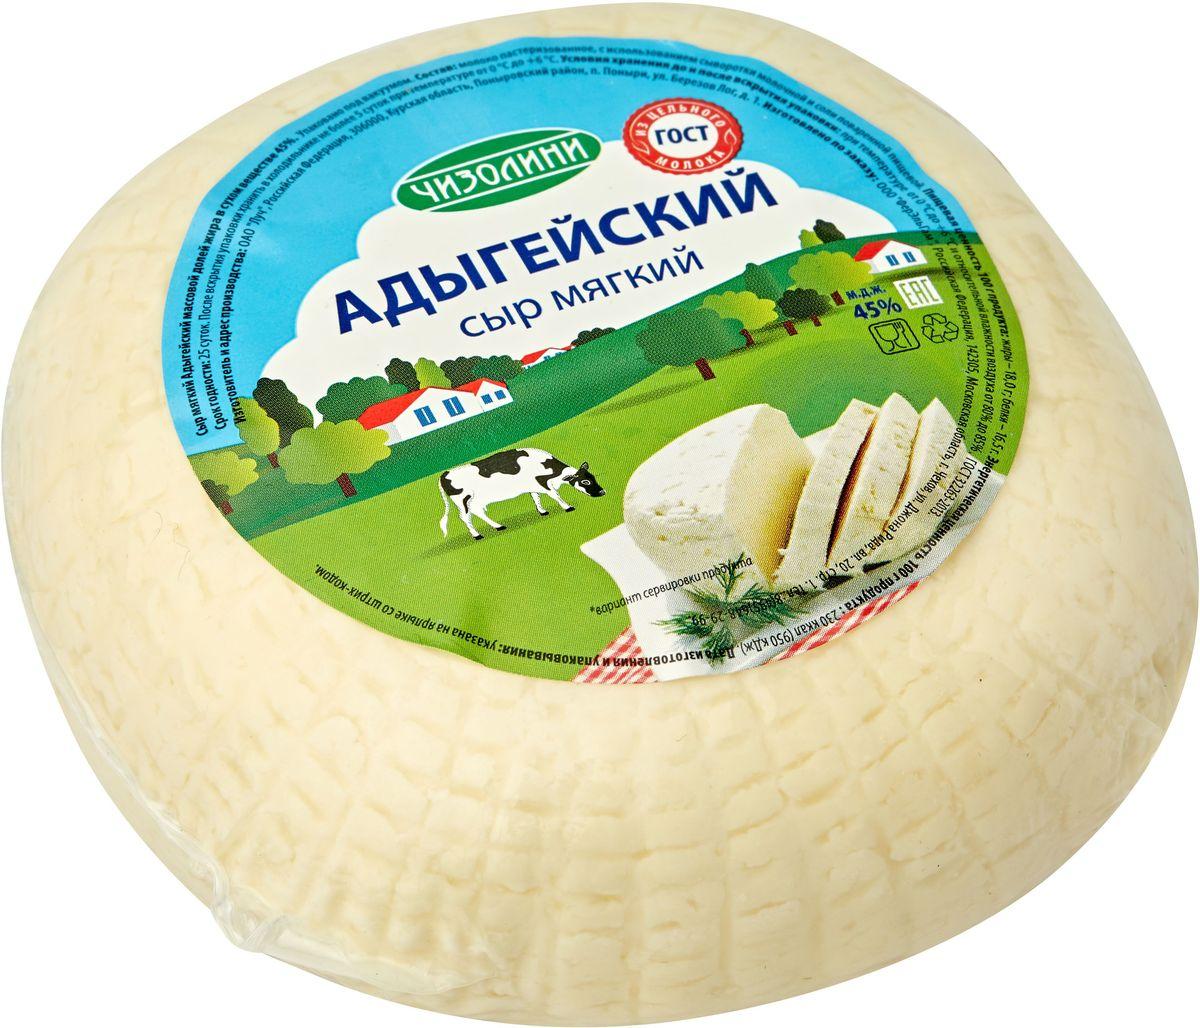 Чизолини Адыгейский сыр, 330 г00-00001109Мягкий сыр, который готовится из коровьего, овечьего или козьего молока. Отличается нежной, творожистой консистенцией и выраженным кисломолочным солоноватым вкусом